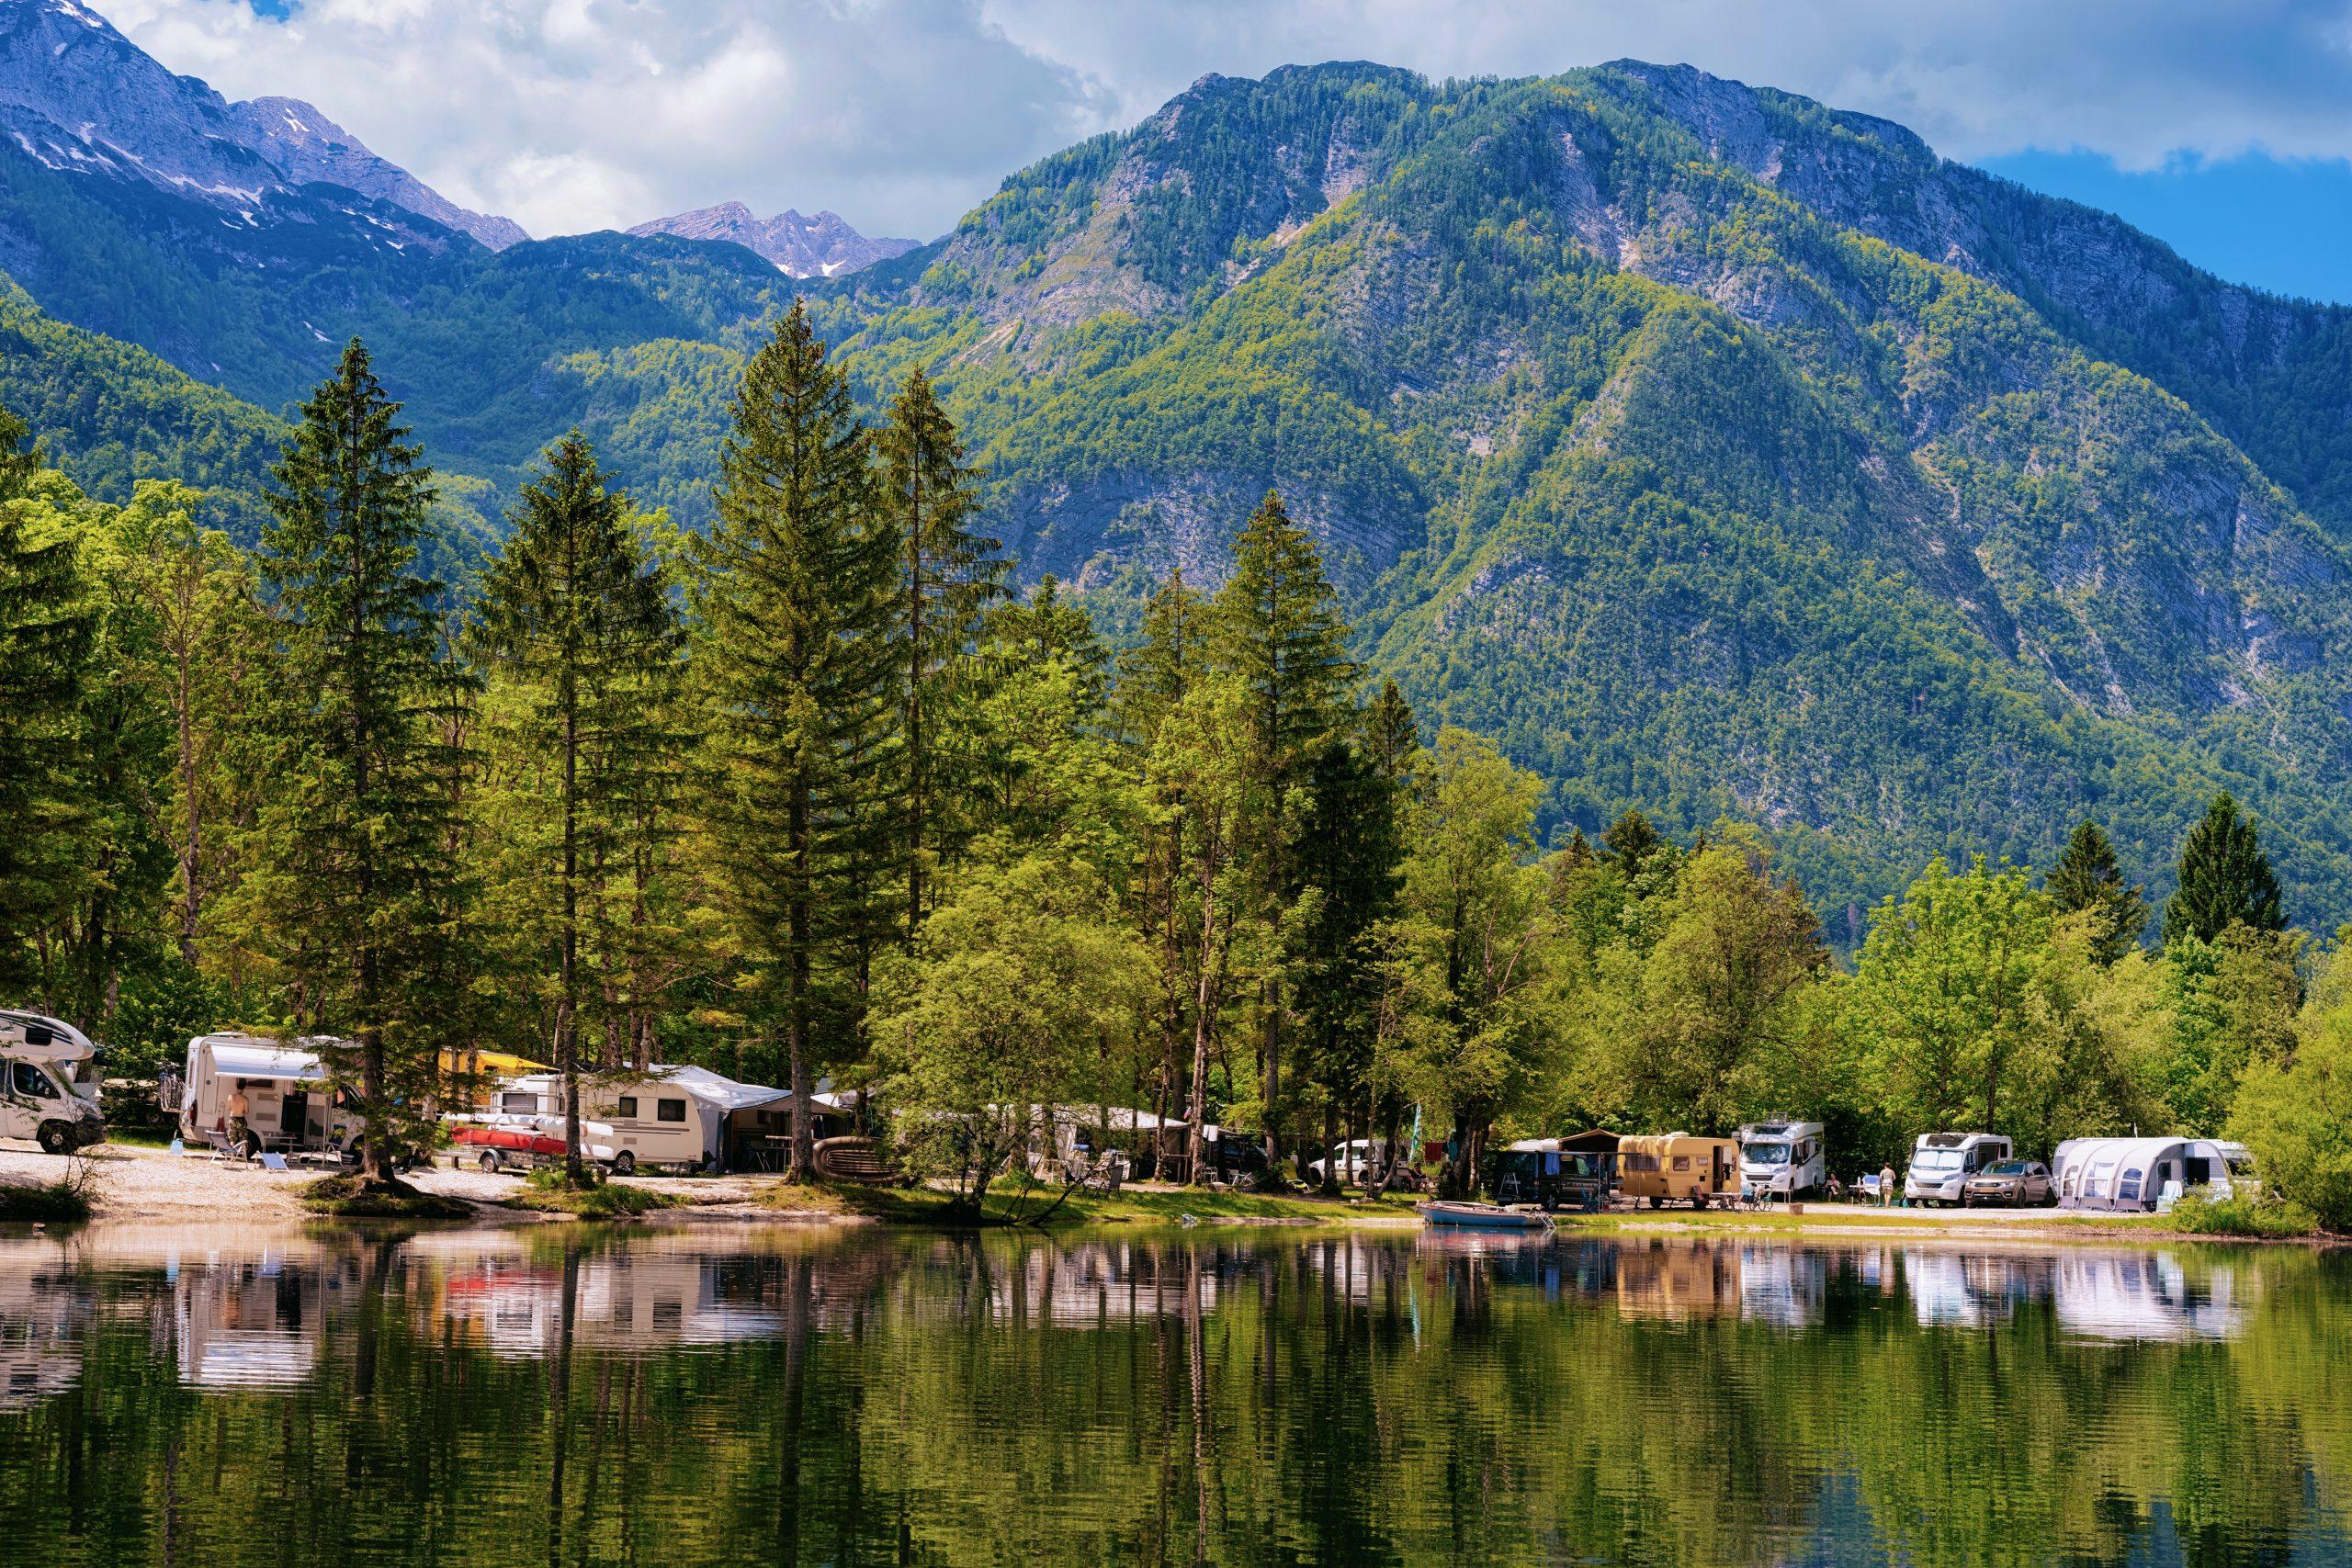 Campground Summer Lake